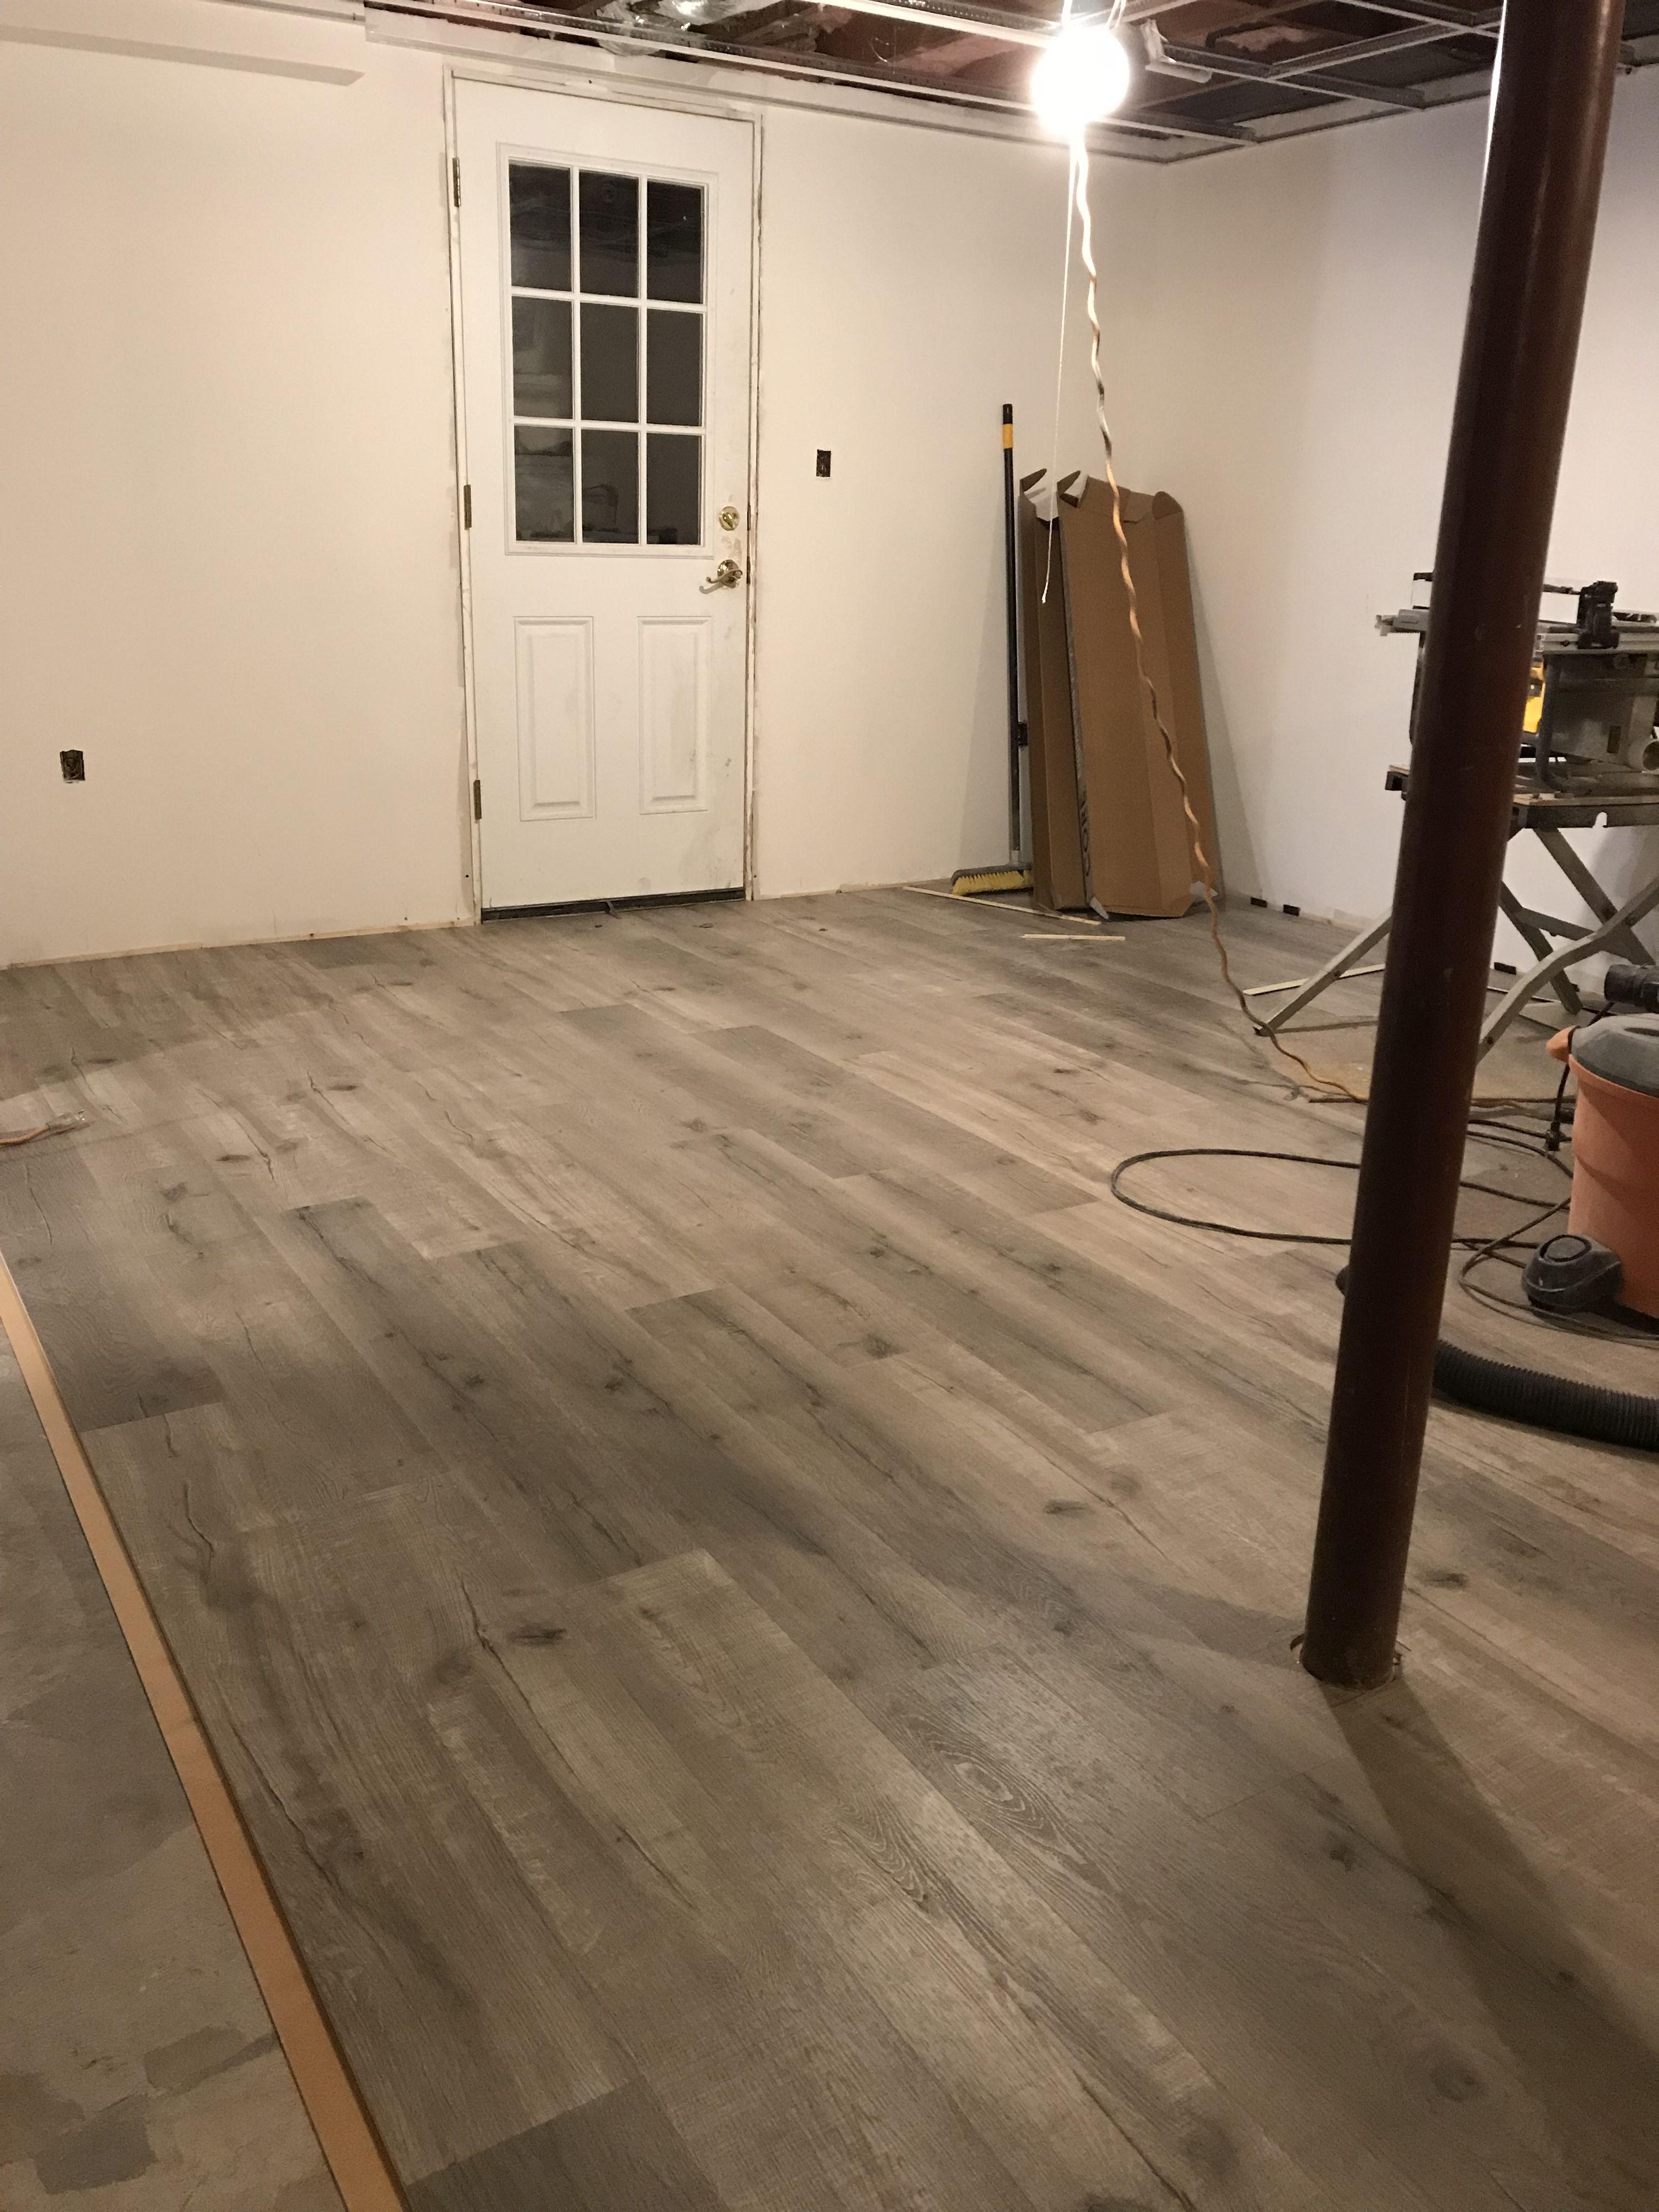 Lumber Liquidators Driftwood Hickory Engineered Vinyl Plank I Loooove It So Far House Styles Engineered Vinyl Plank Florida Home